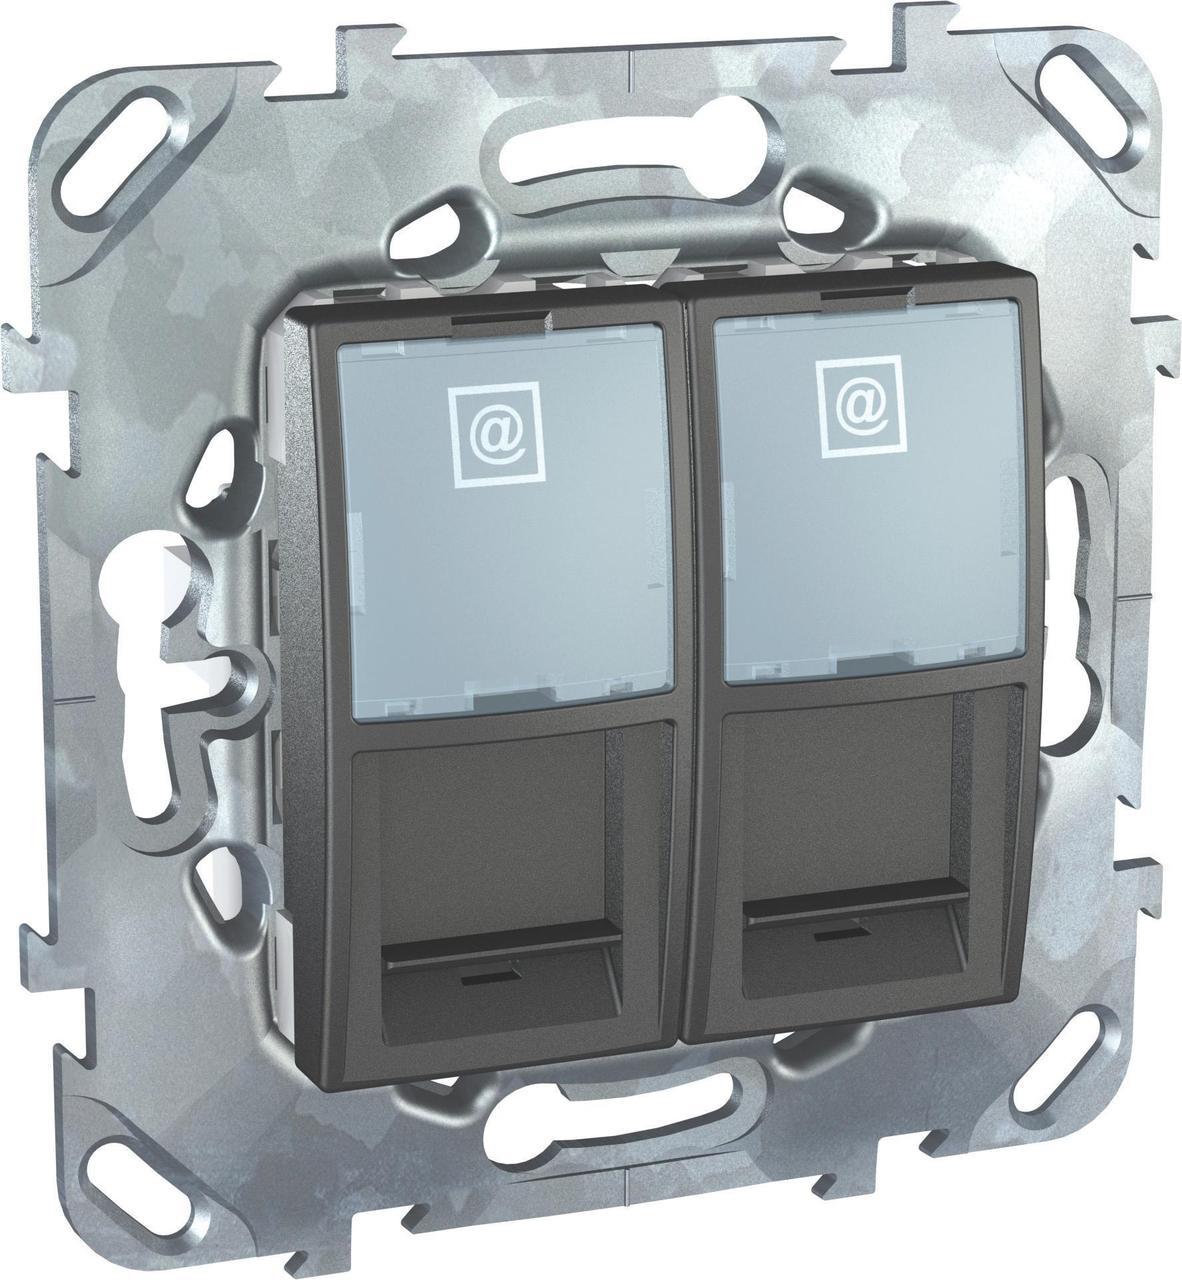 Розетка компьютерная 2-ая кат.5е, RJ-45 (интернет) , Графит, серия UNICA TOP/CLASS, Schneider Electric